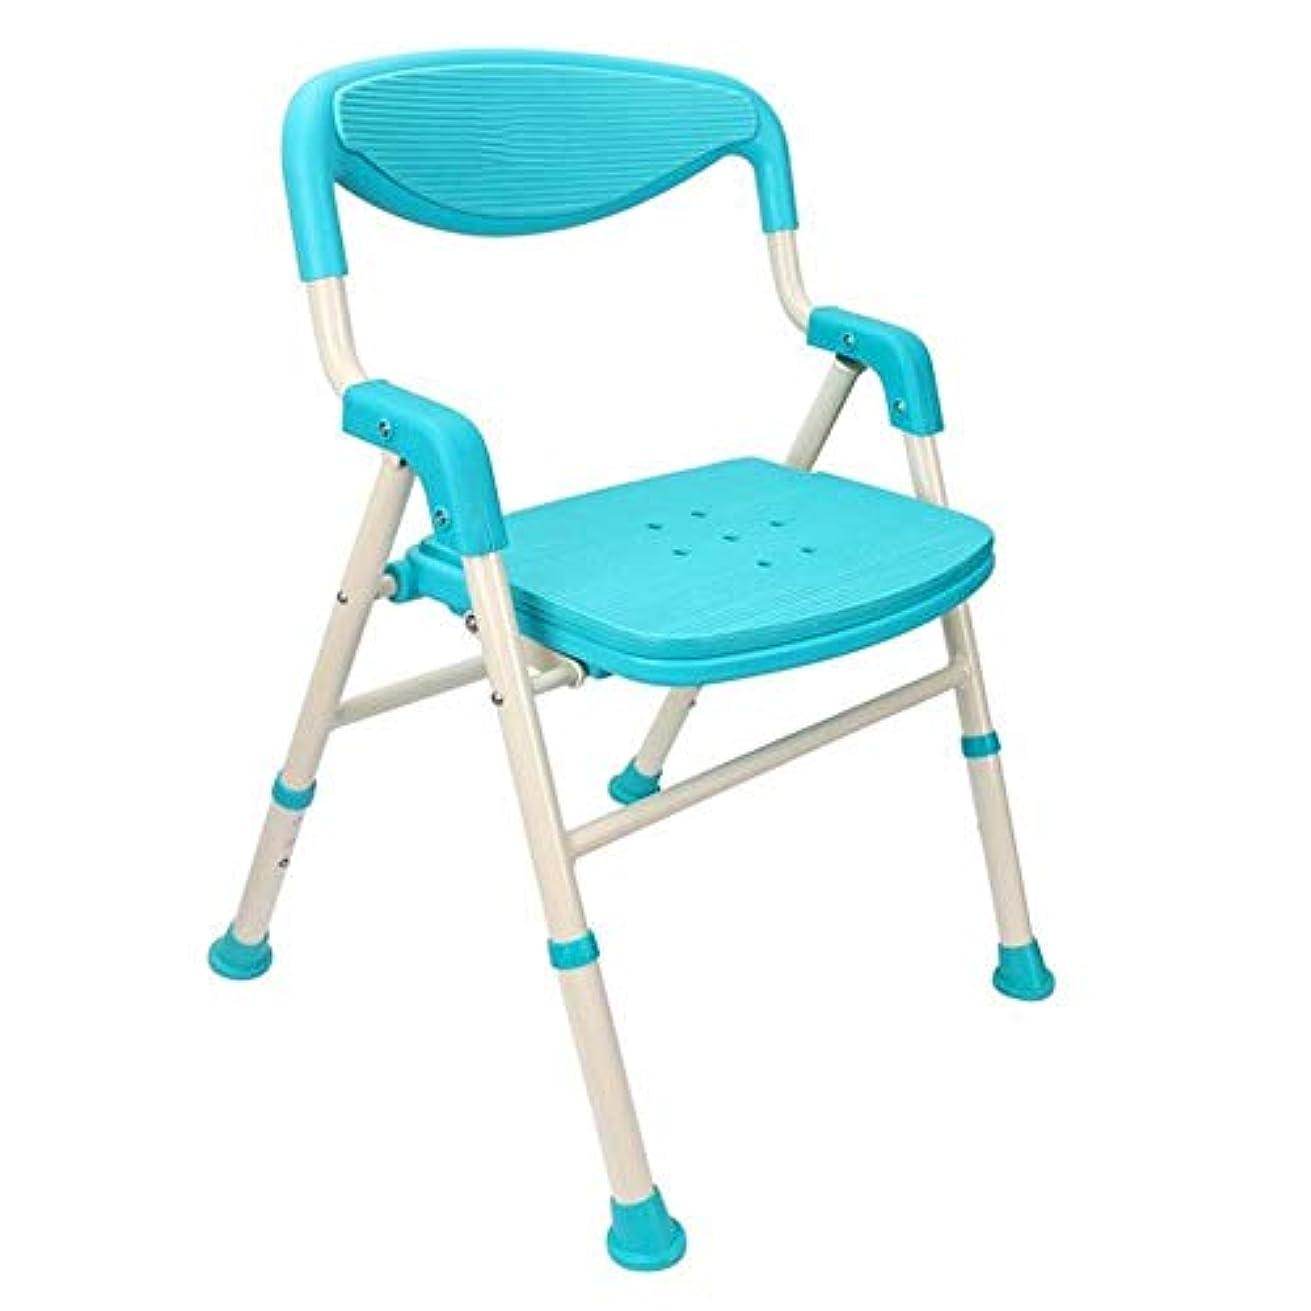 登る作る杭アームと座席背もたれの調節可能な高さを備えたシャワー止まるスツール